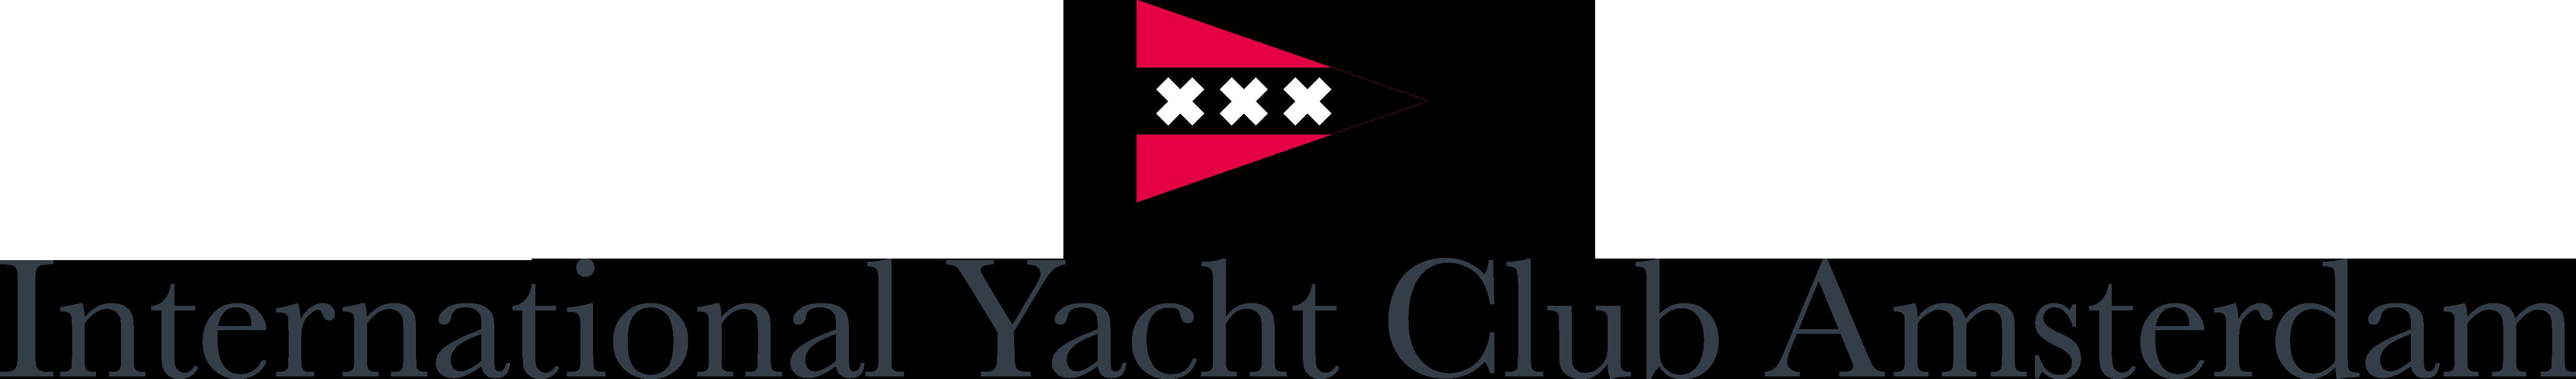 International Yacht Club Amsterdam